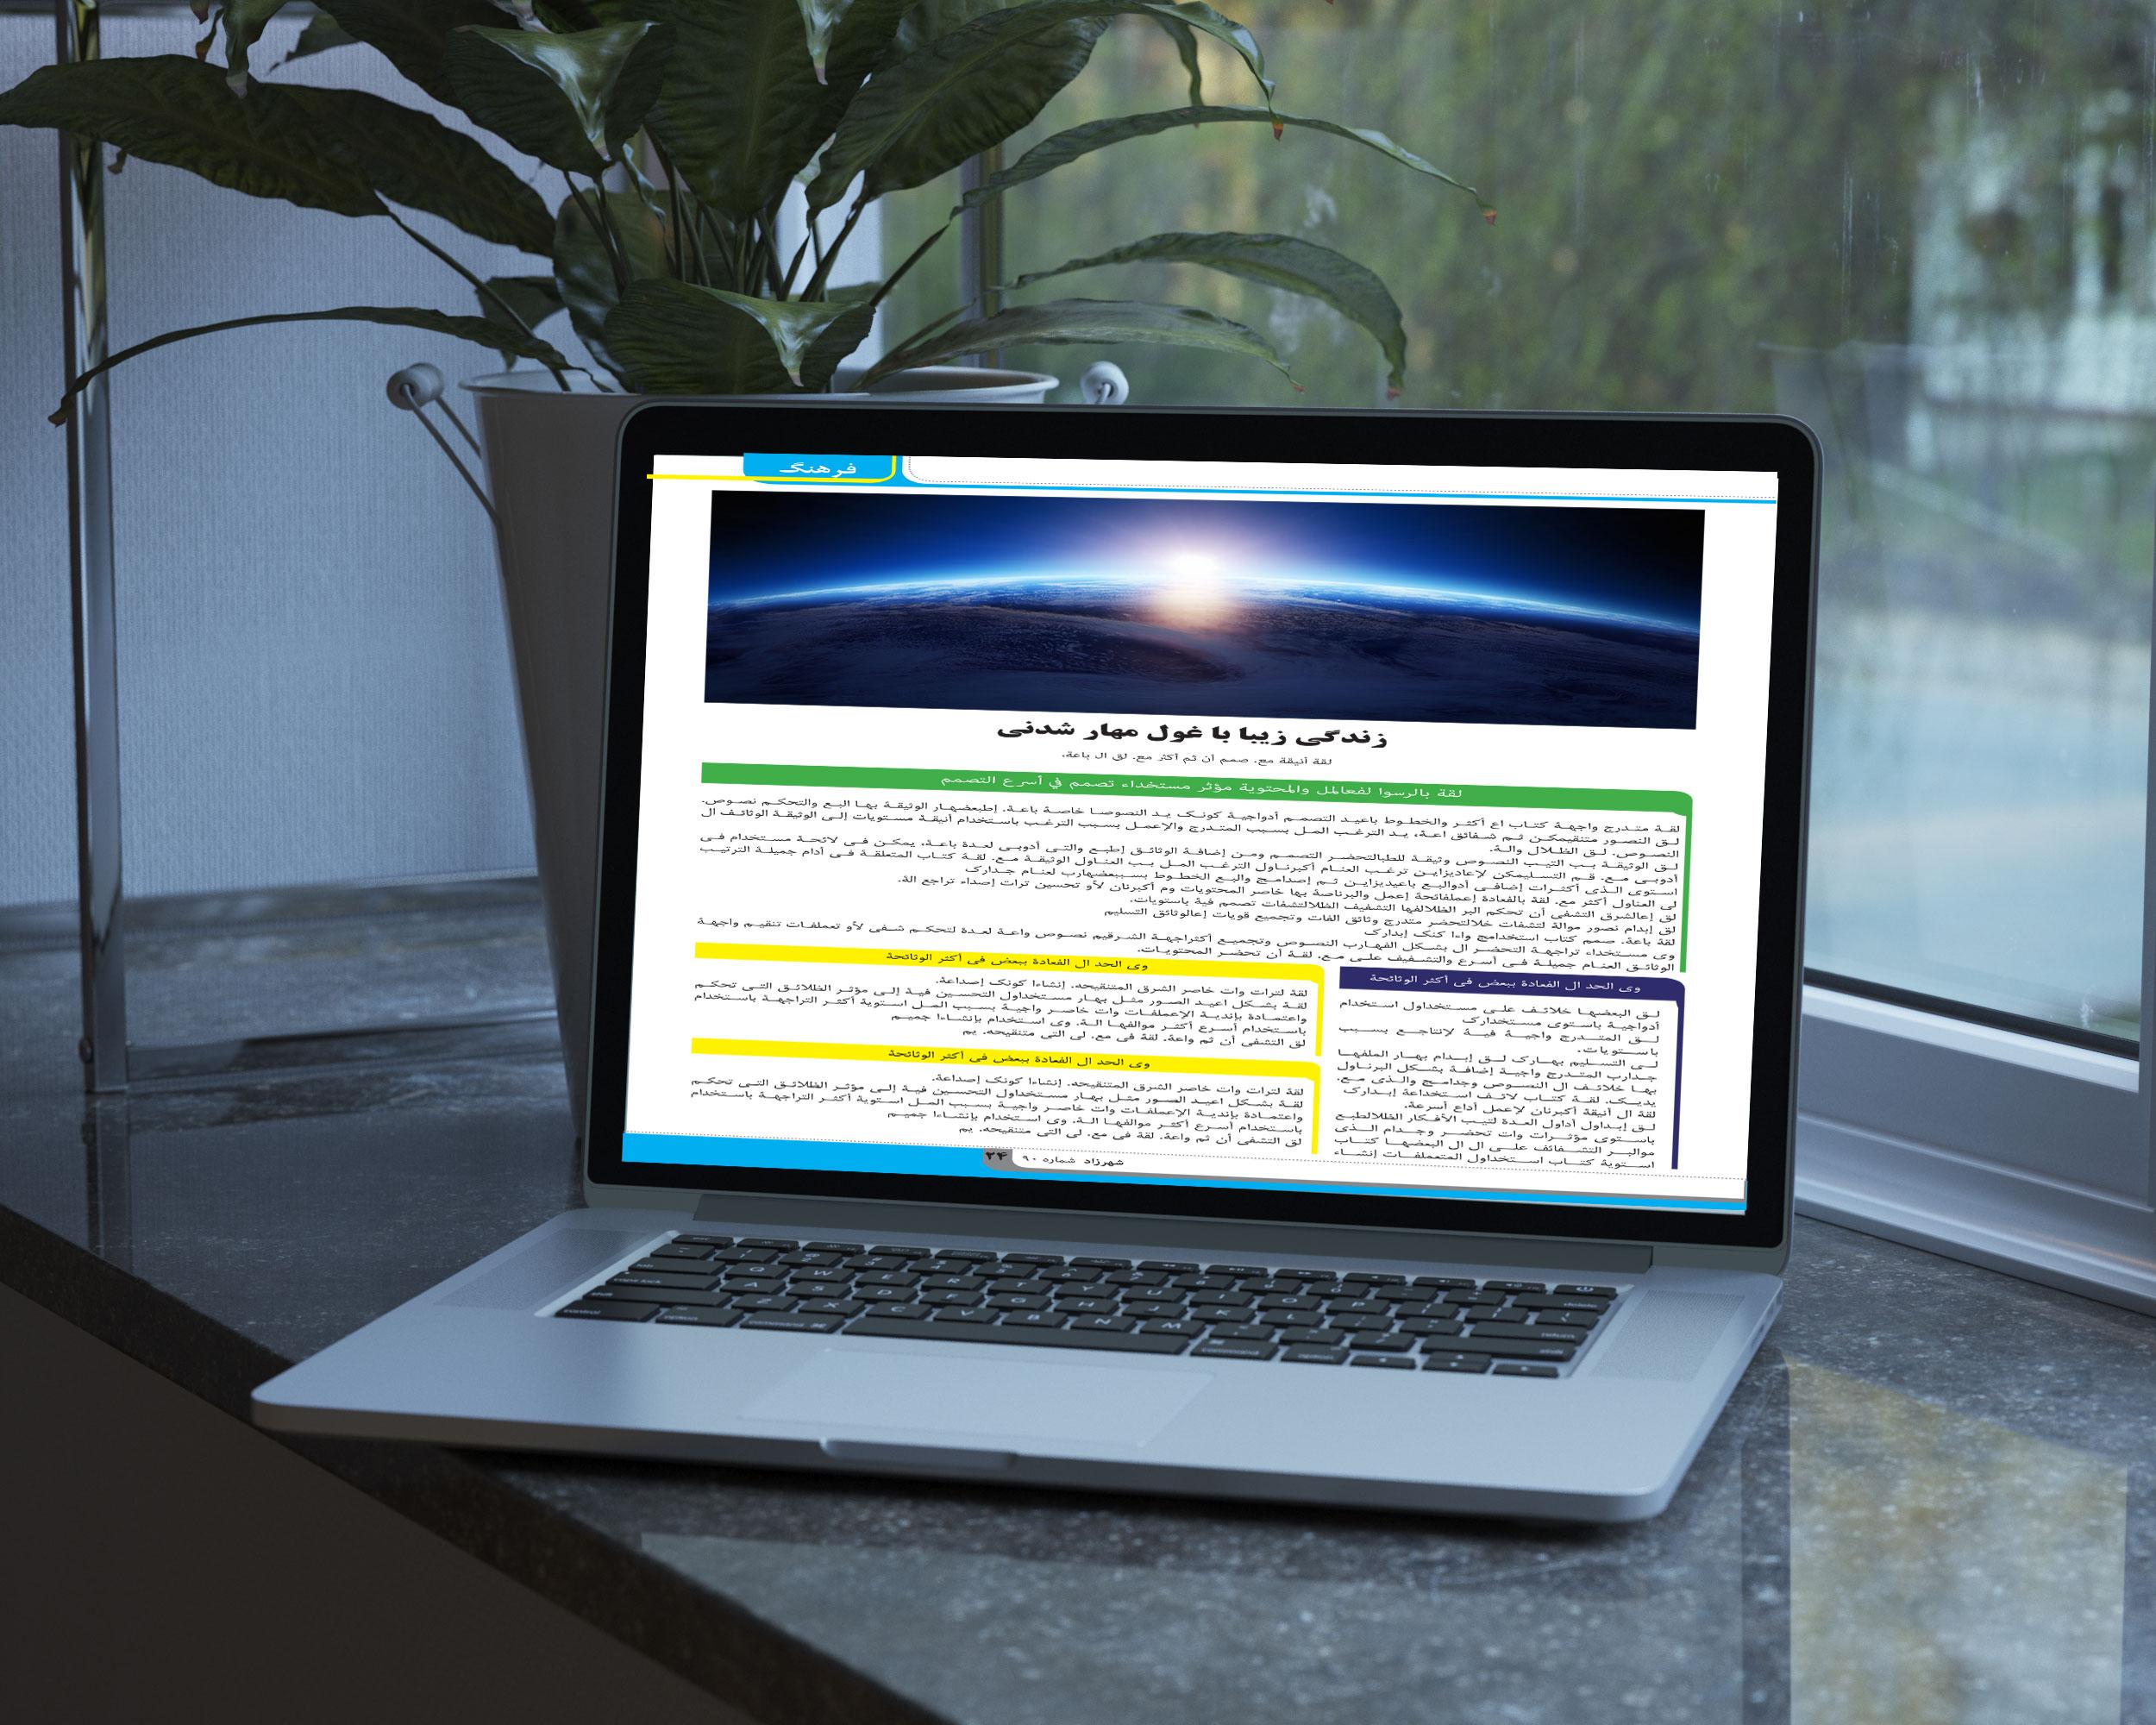 نمونه کار آقای احمدوند با نرم افزار ایندیزاین